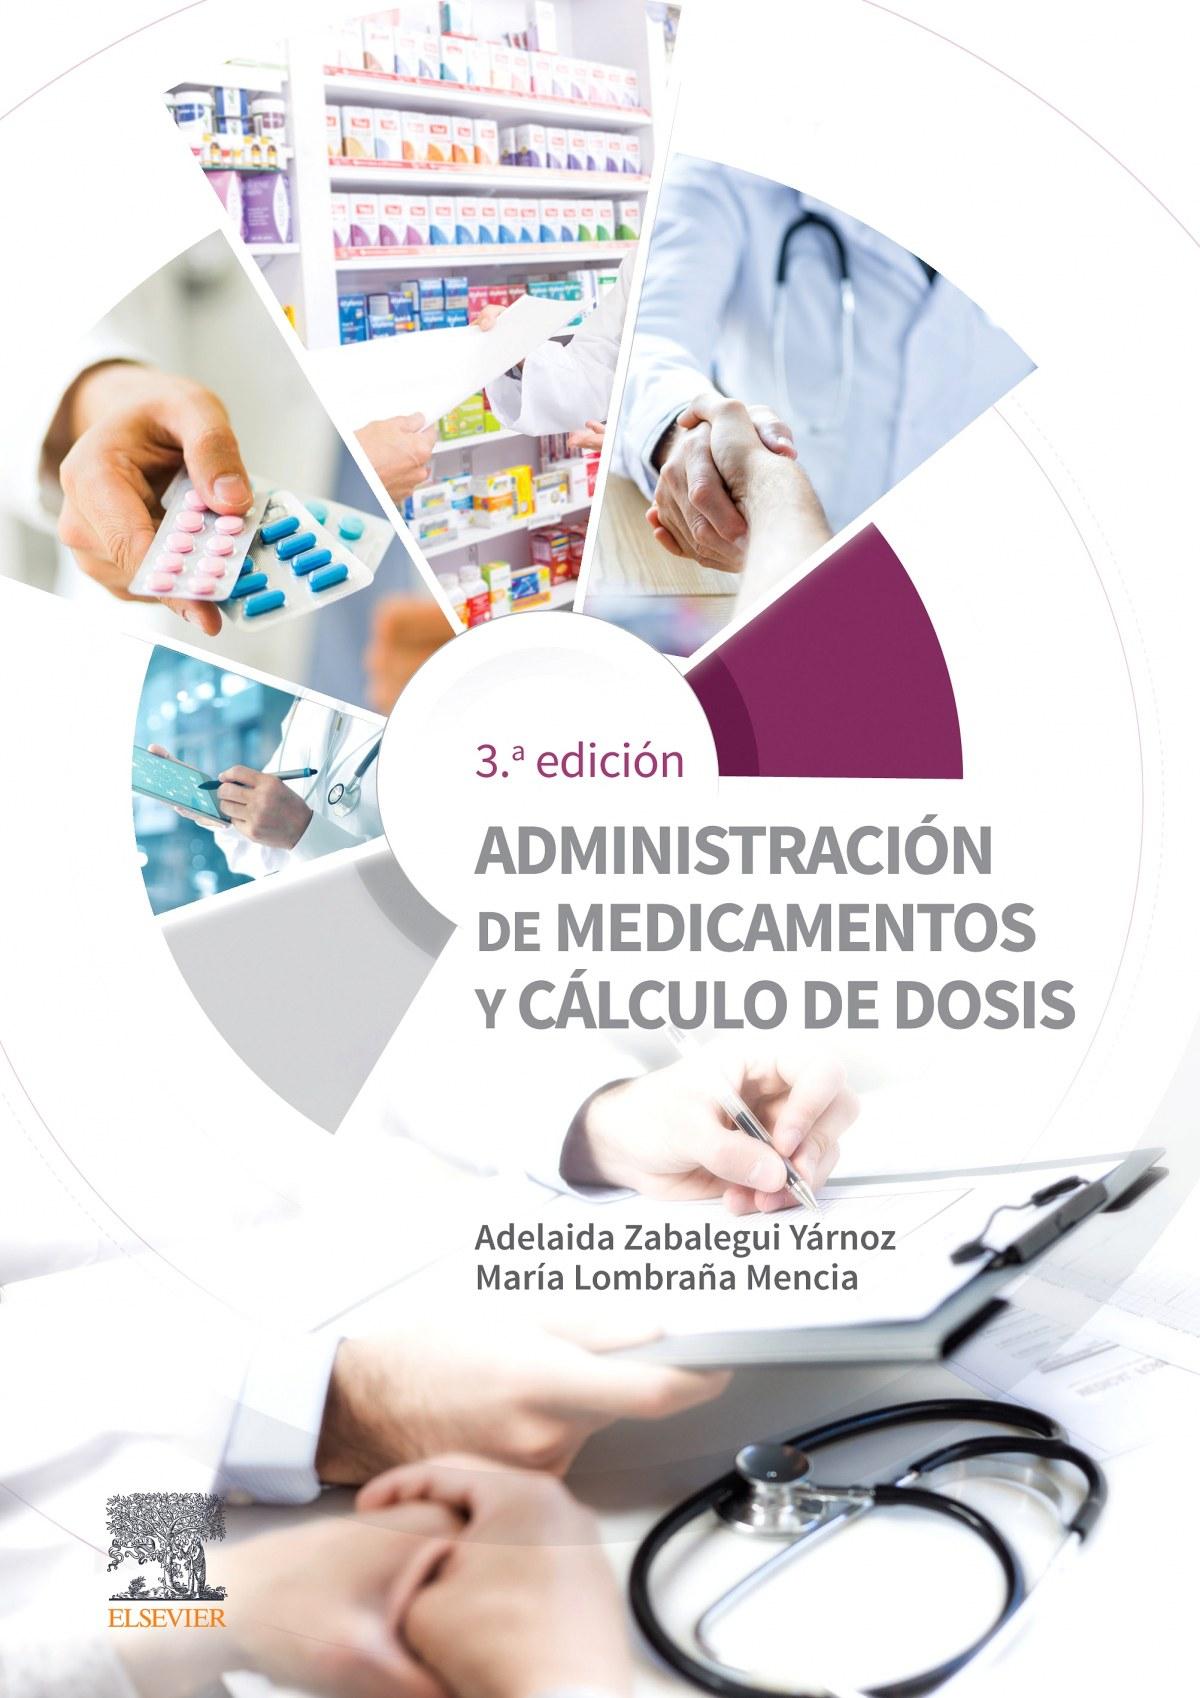 ADMINISTRACIÓN DE MEDICAMENTOS Y CÁLCULO DE DOSIS